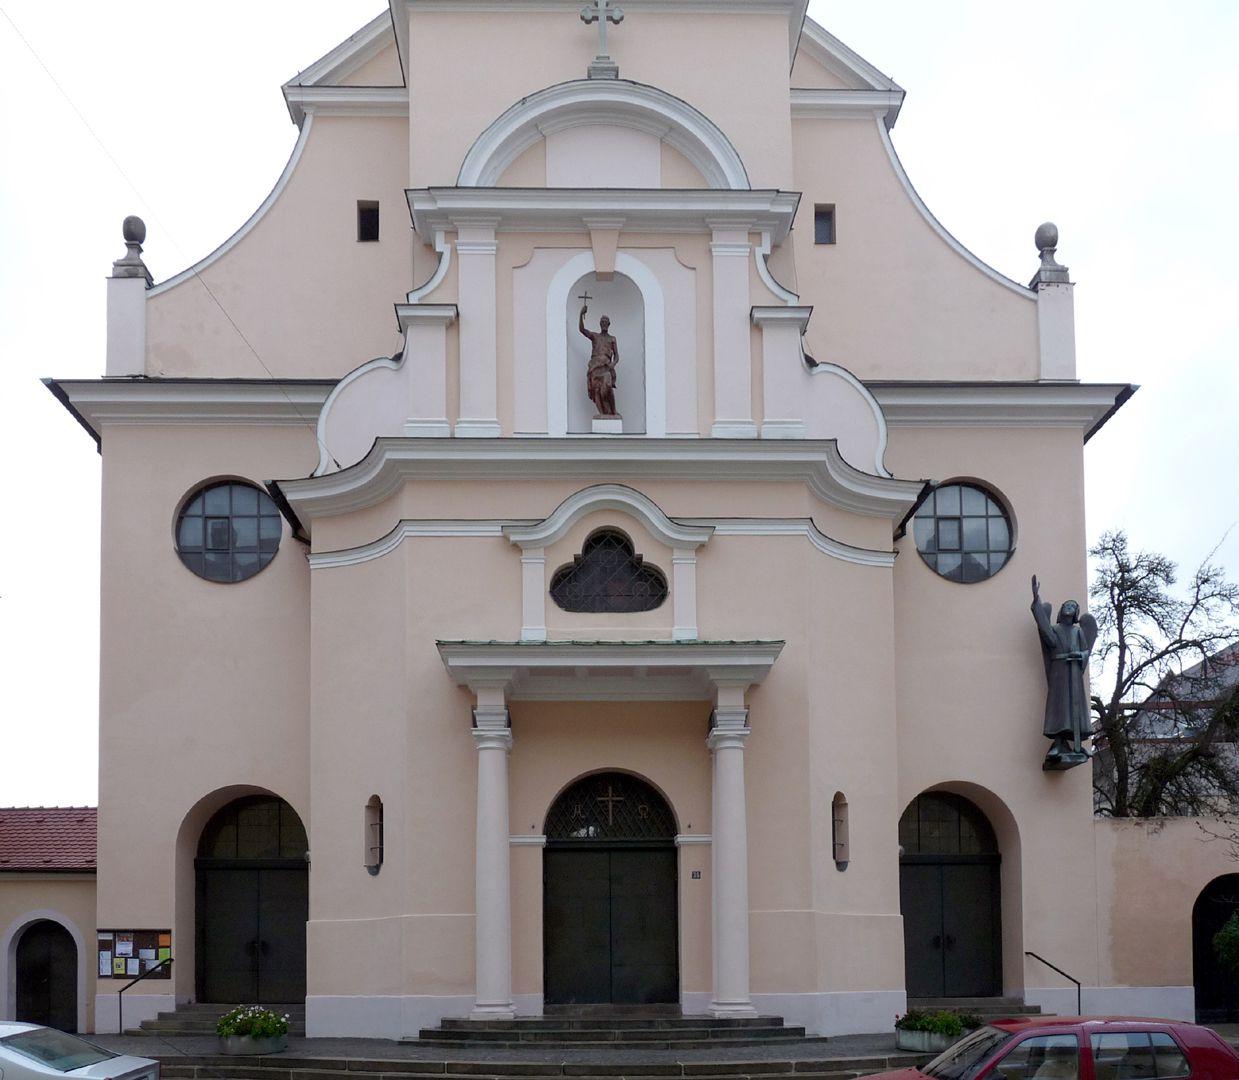 St. Michael Church Portals